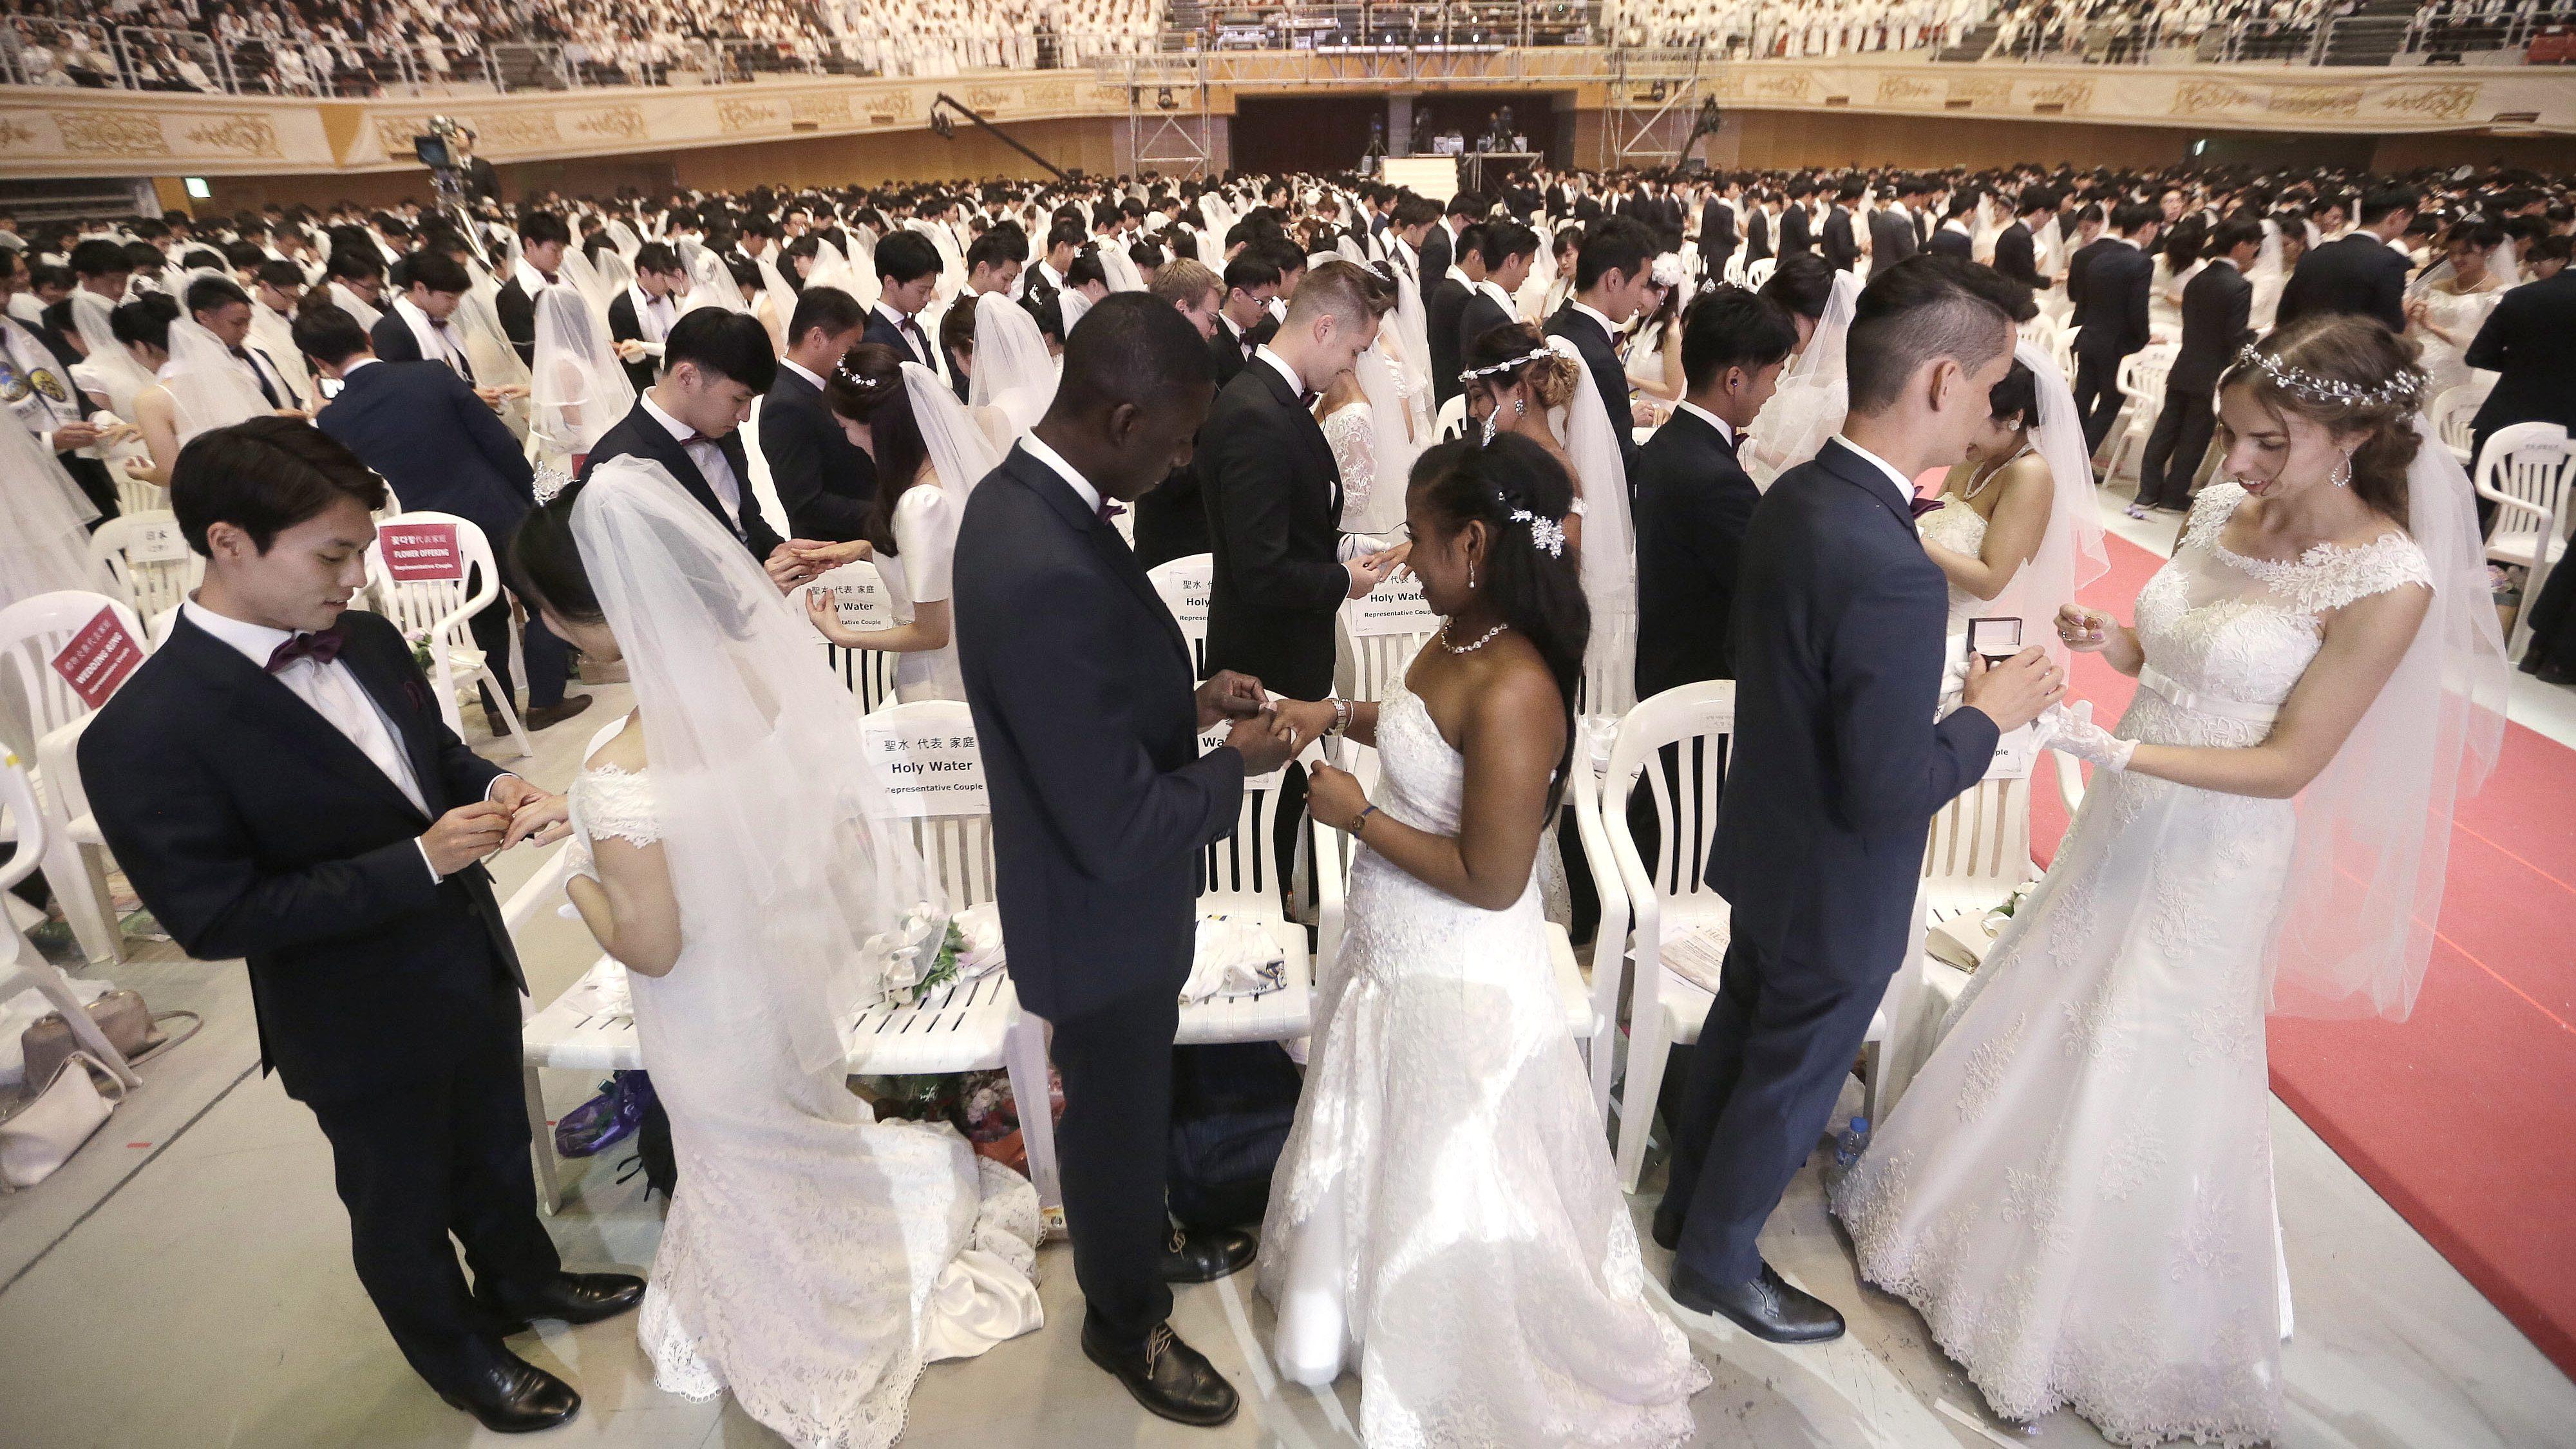 A mass wedding in South Korea